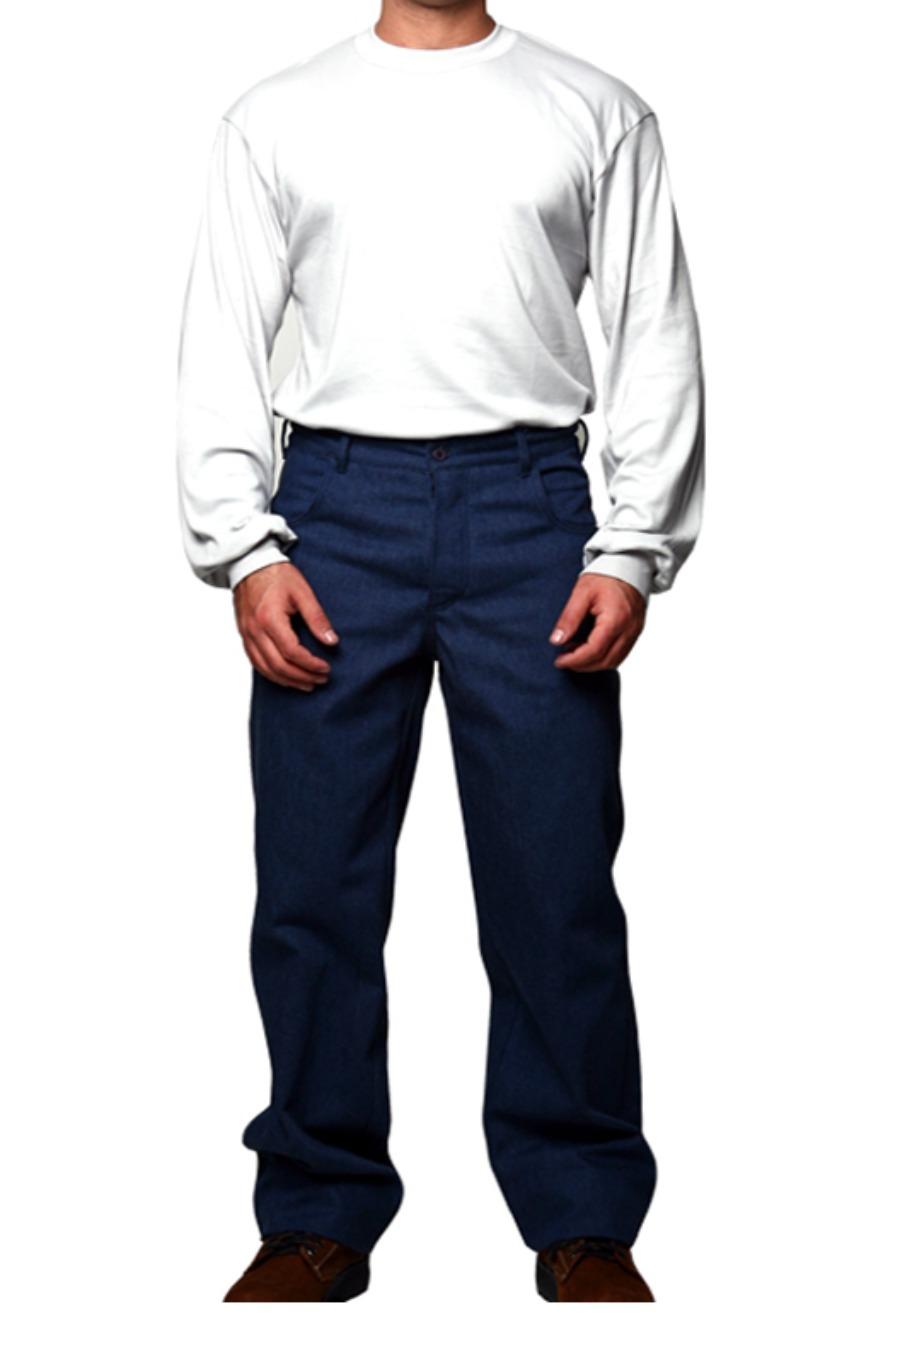 Camiseta de Segurança 9,4 CAL/CM² - Risco II